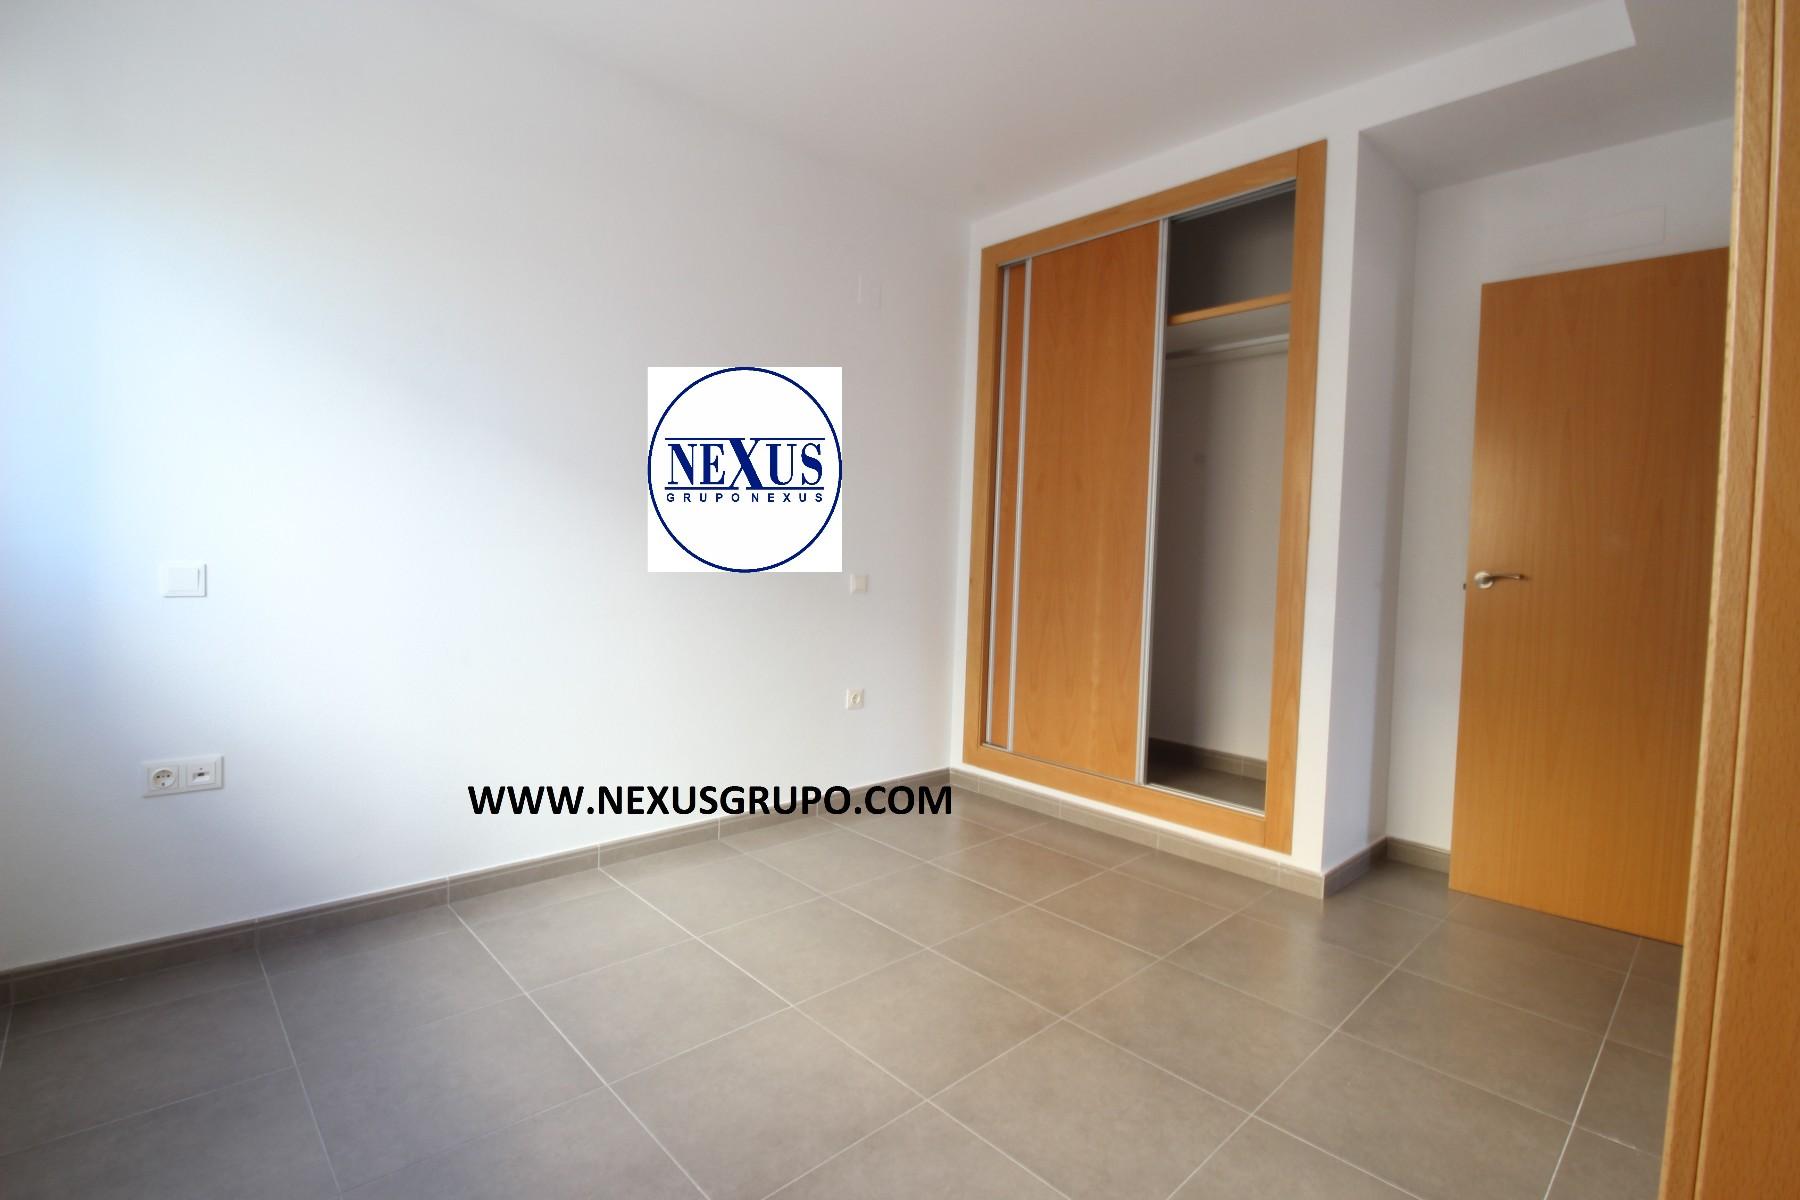 3 bedroom Apartment in Guardamar - New build in Nexus Grupo